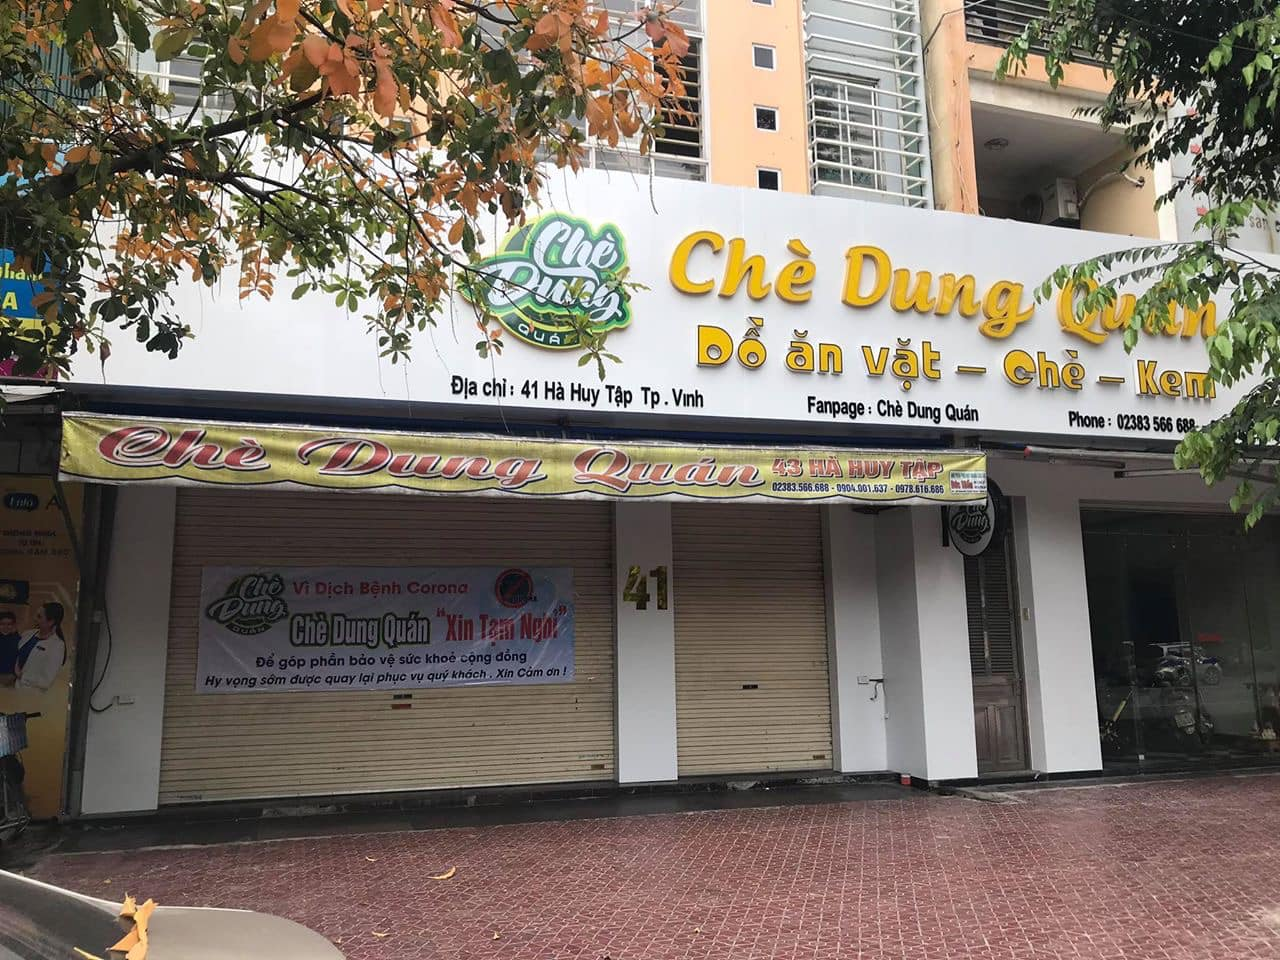 Chè Dung Quán